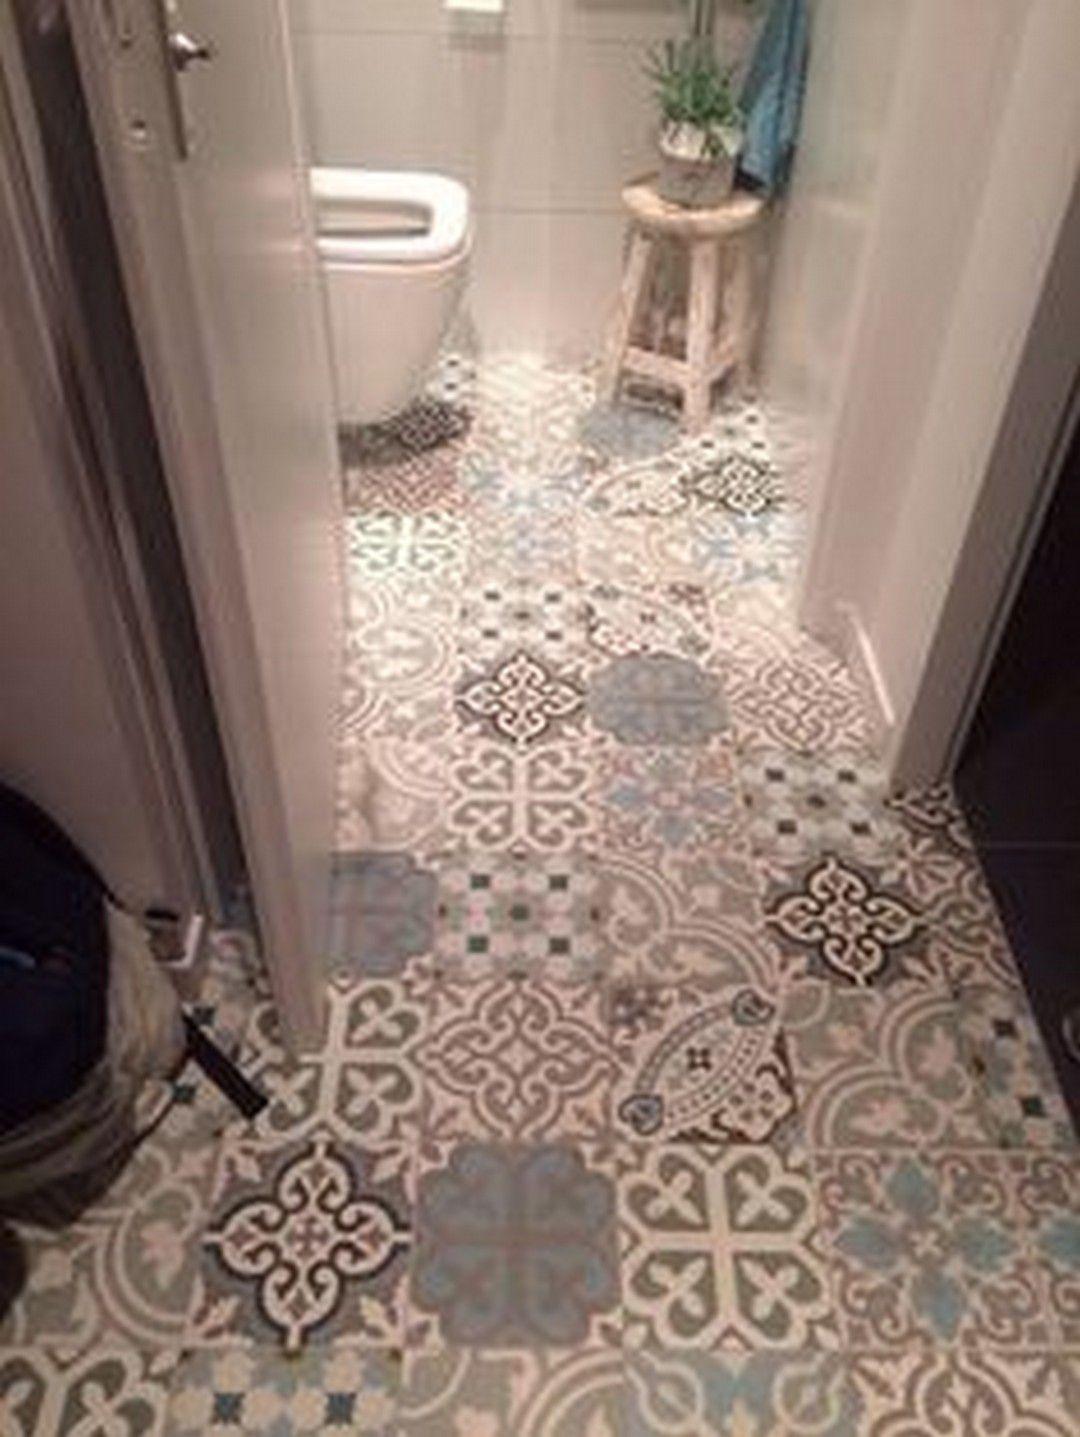 10 Luxuriose Und Moderne Bauernhaus Badezimmer Fliesen Als Begehrenswerte Wahl Modern Farmhouse Bathroom Tile Bathroom Tiles